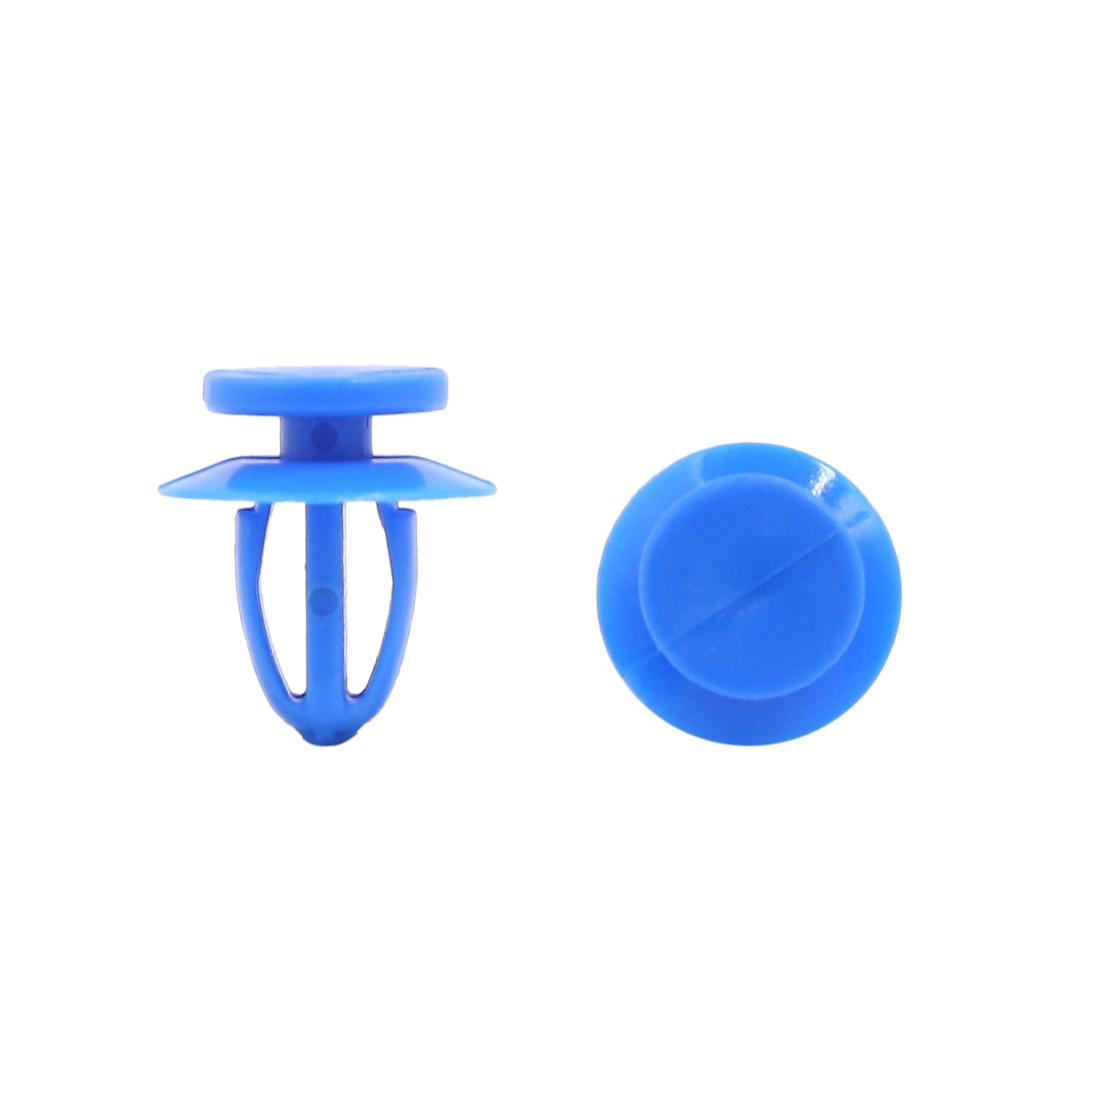 20Pcs 9mm Hole Dia Plastic Push in Rivet Interior Trim Panel Car Door Clips